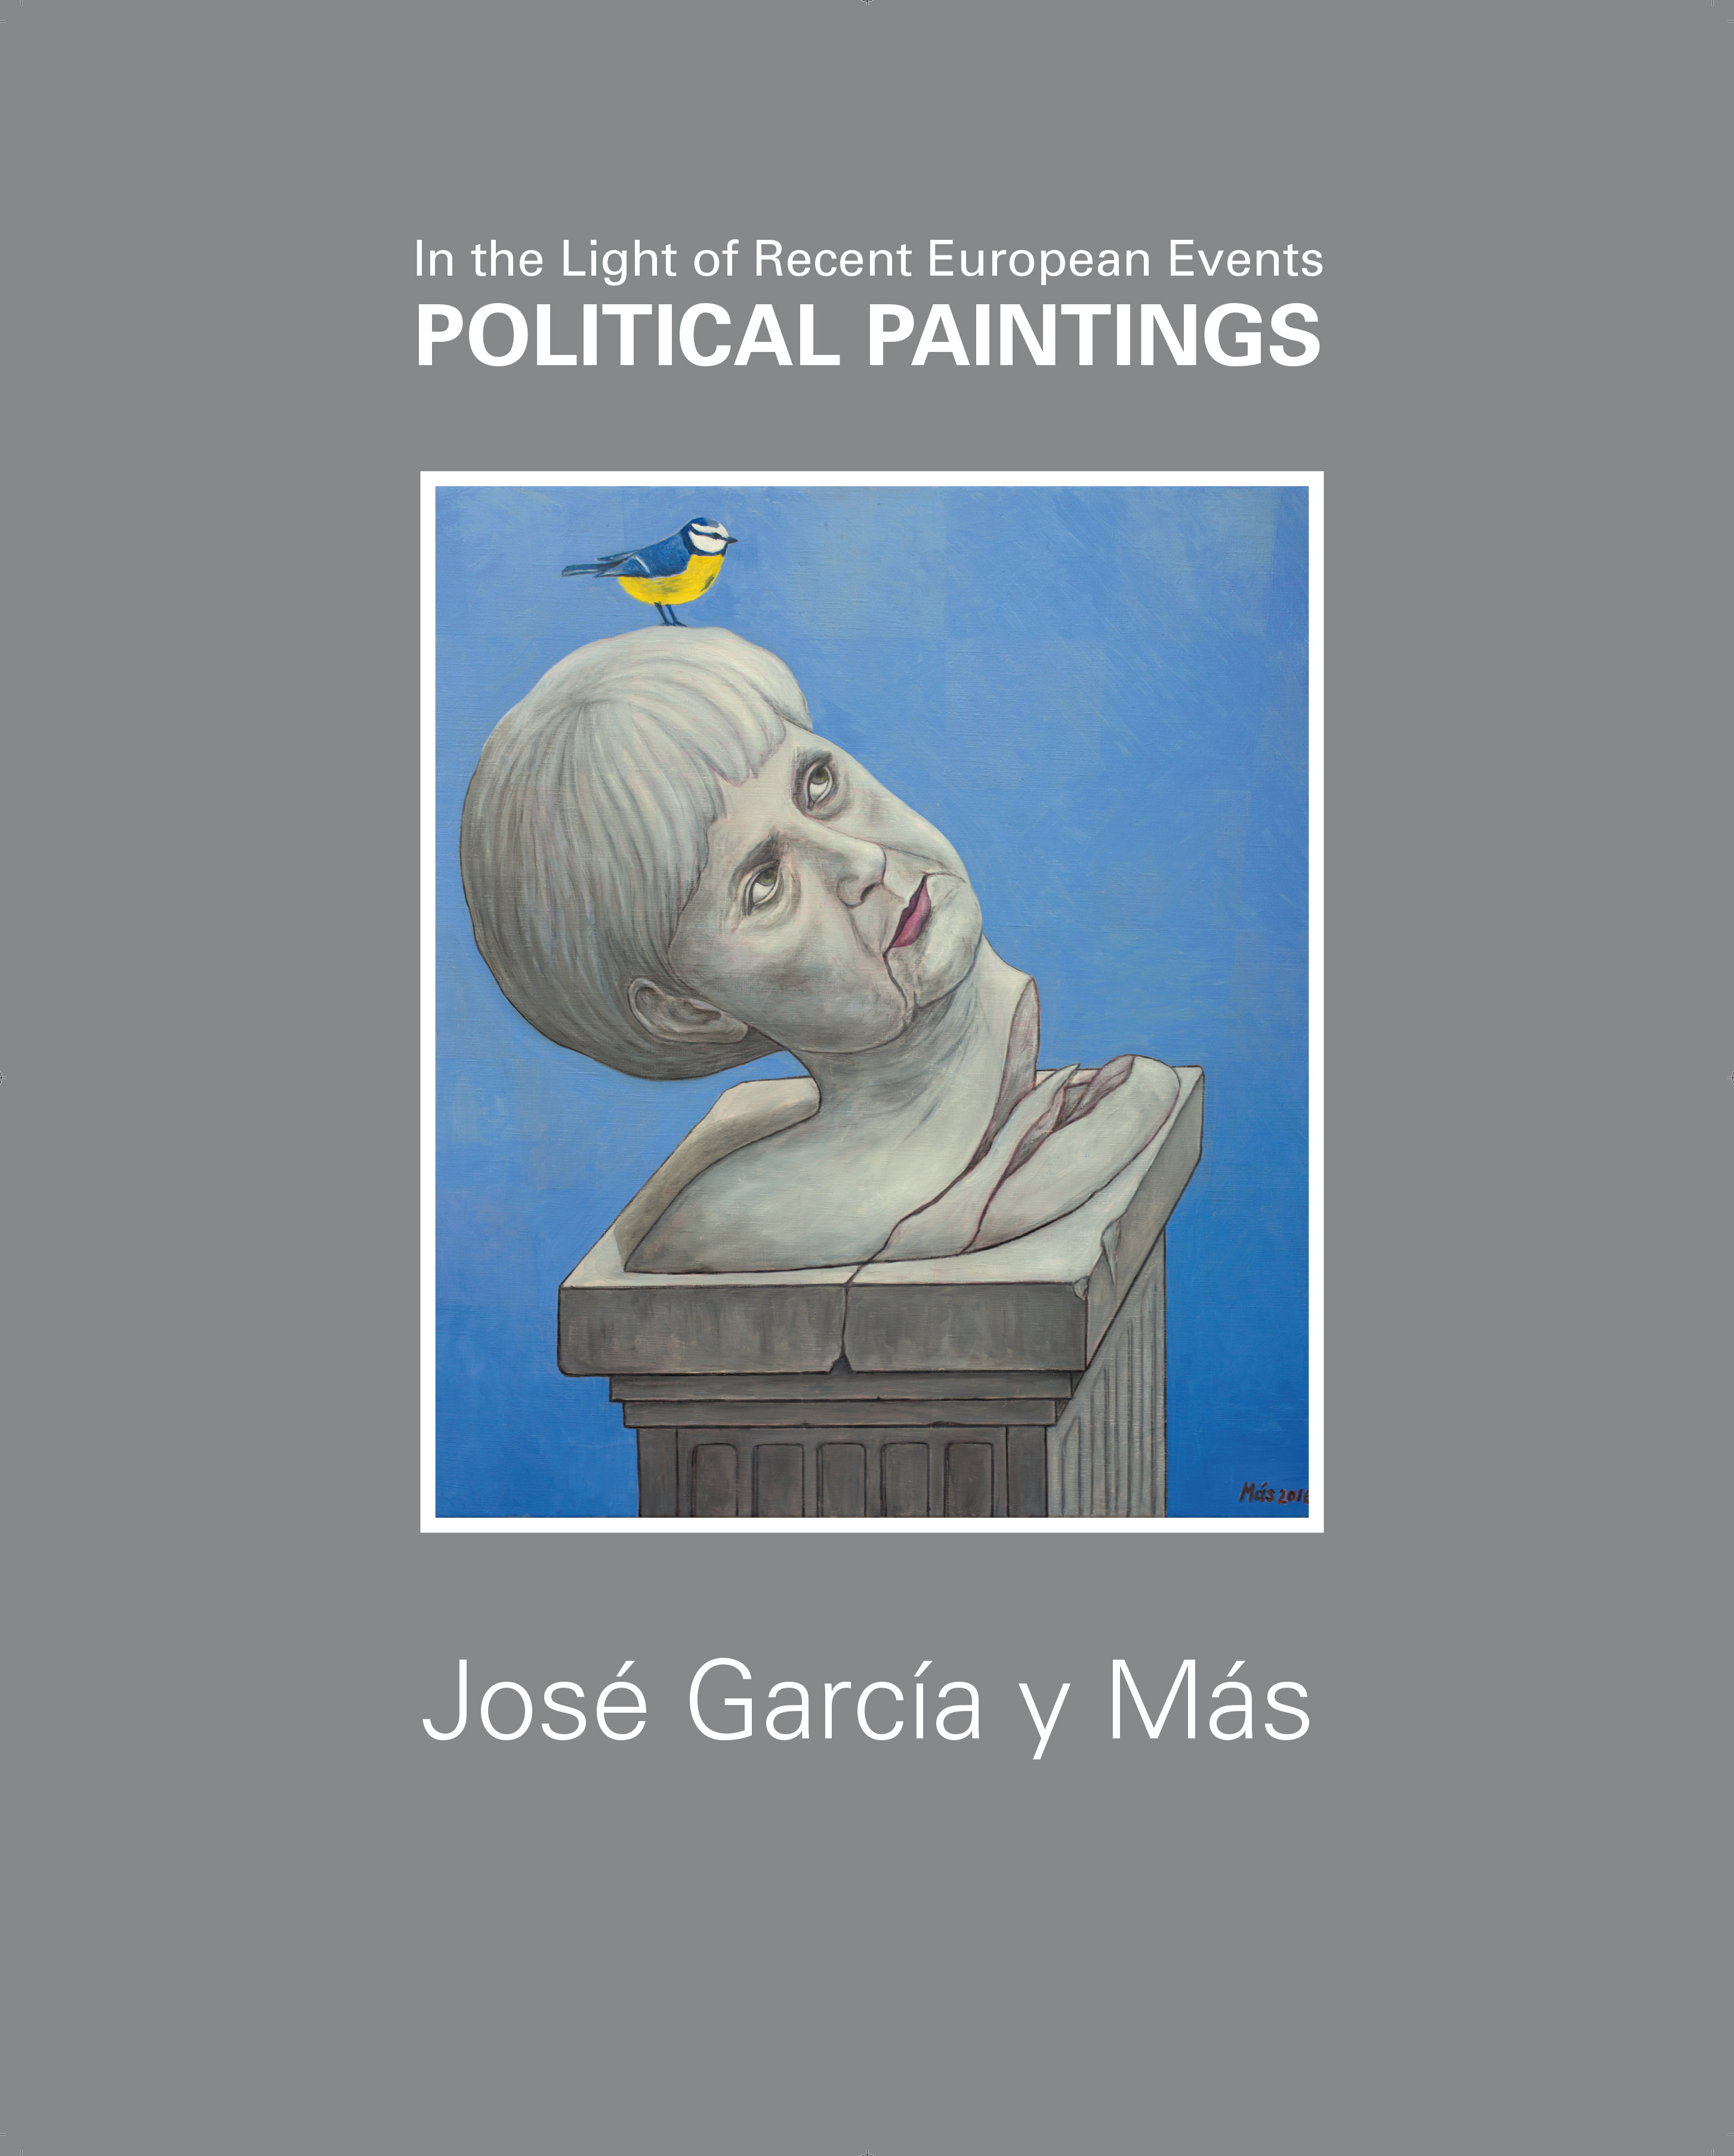 Bild Atelier José García y Más Bansin